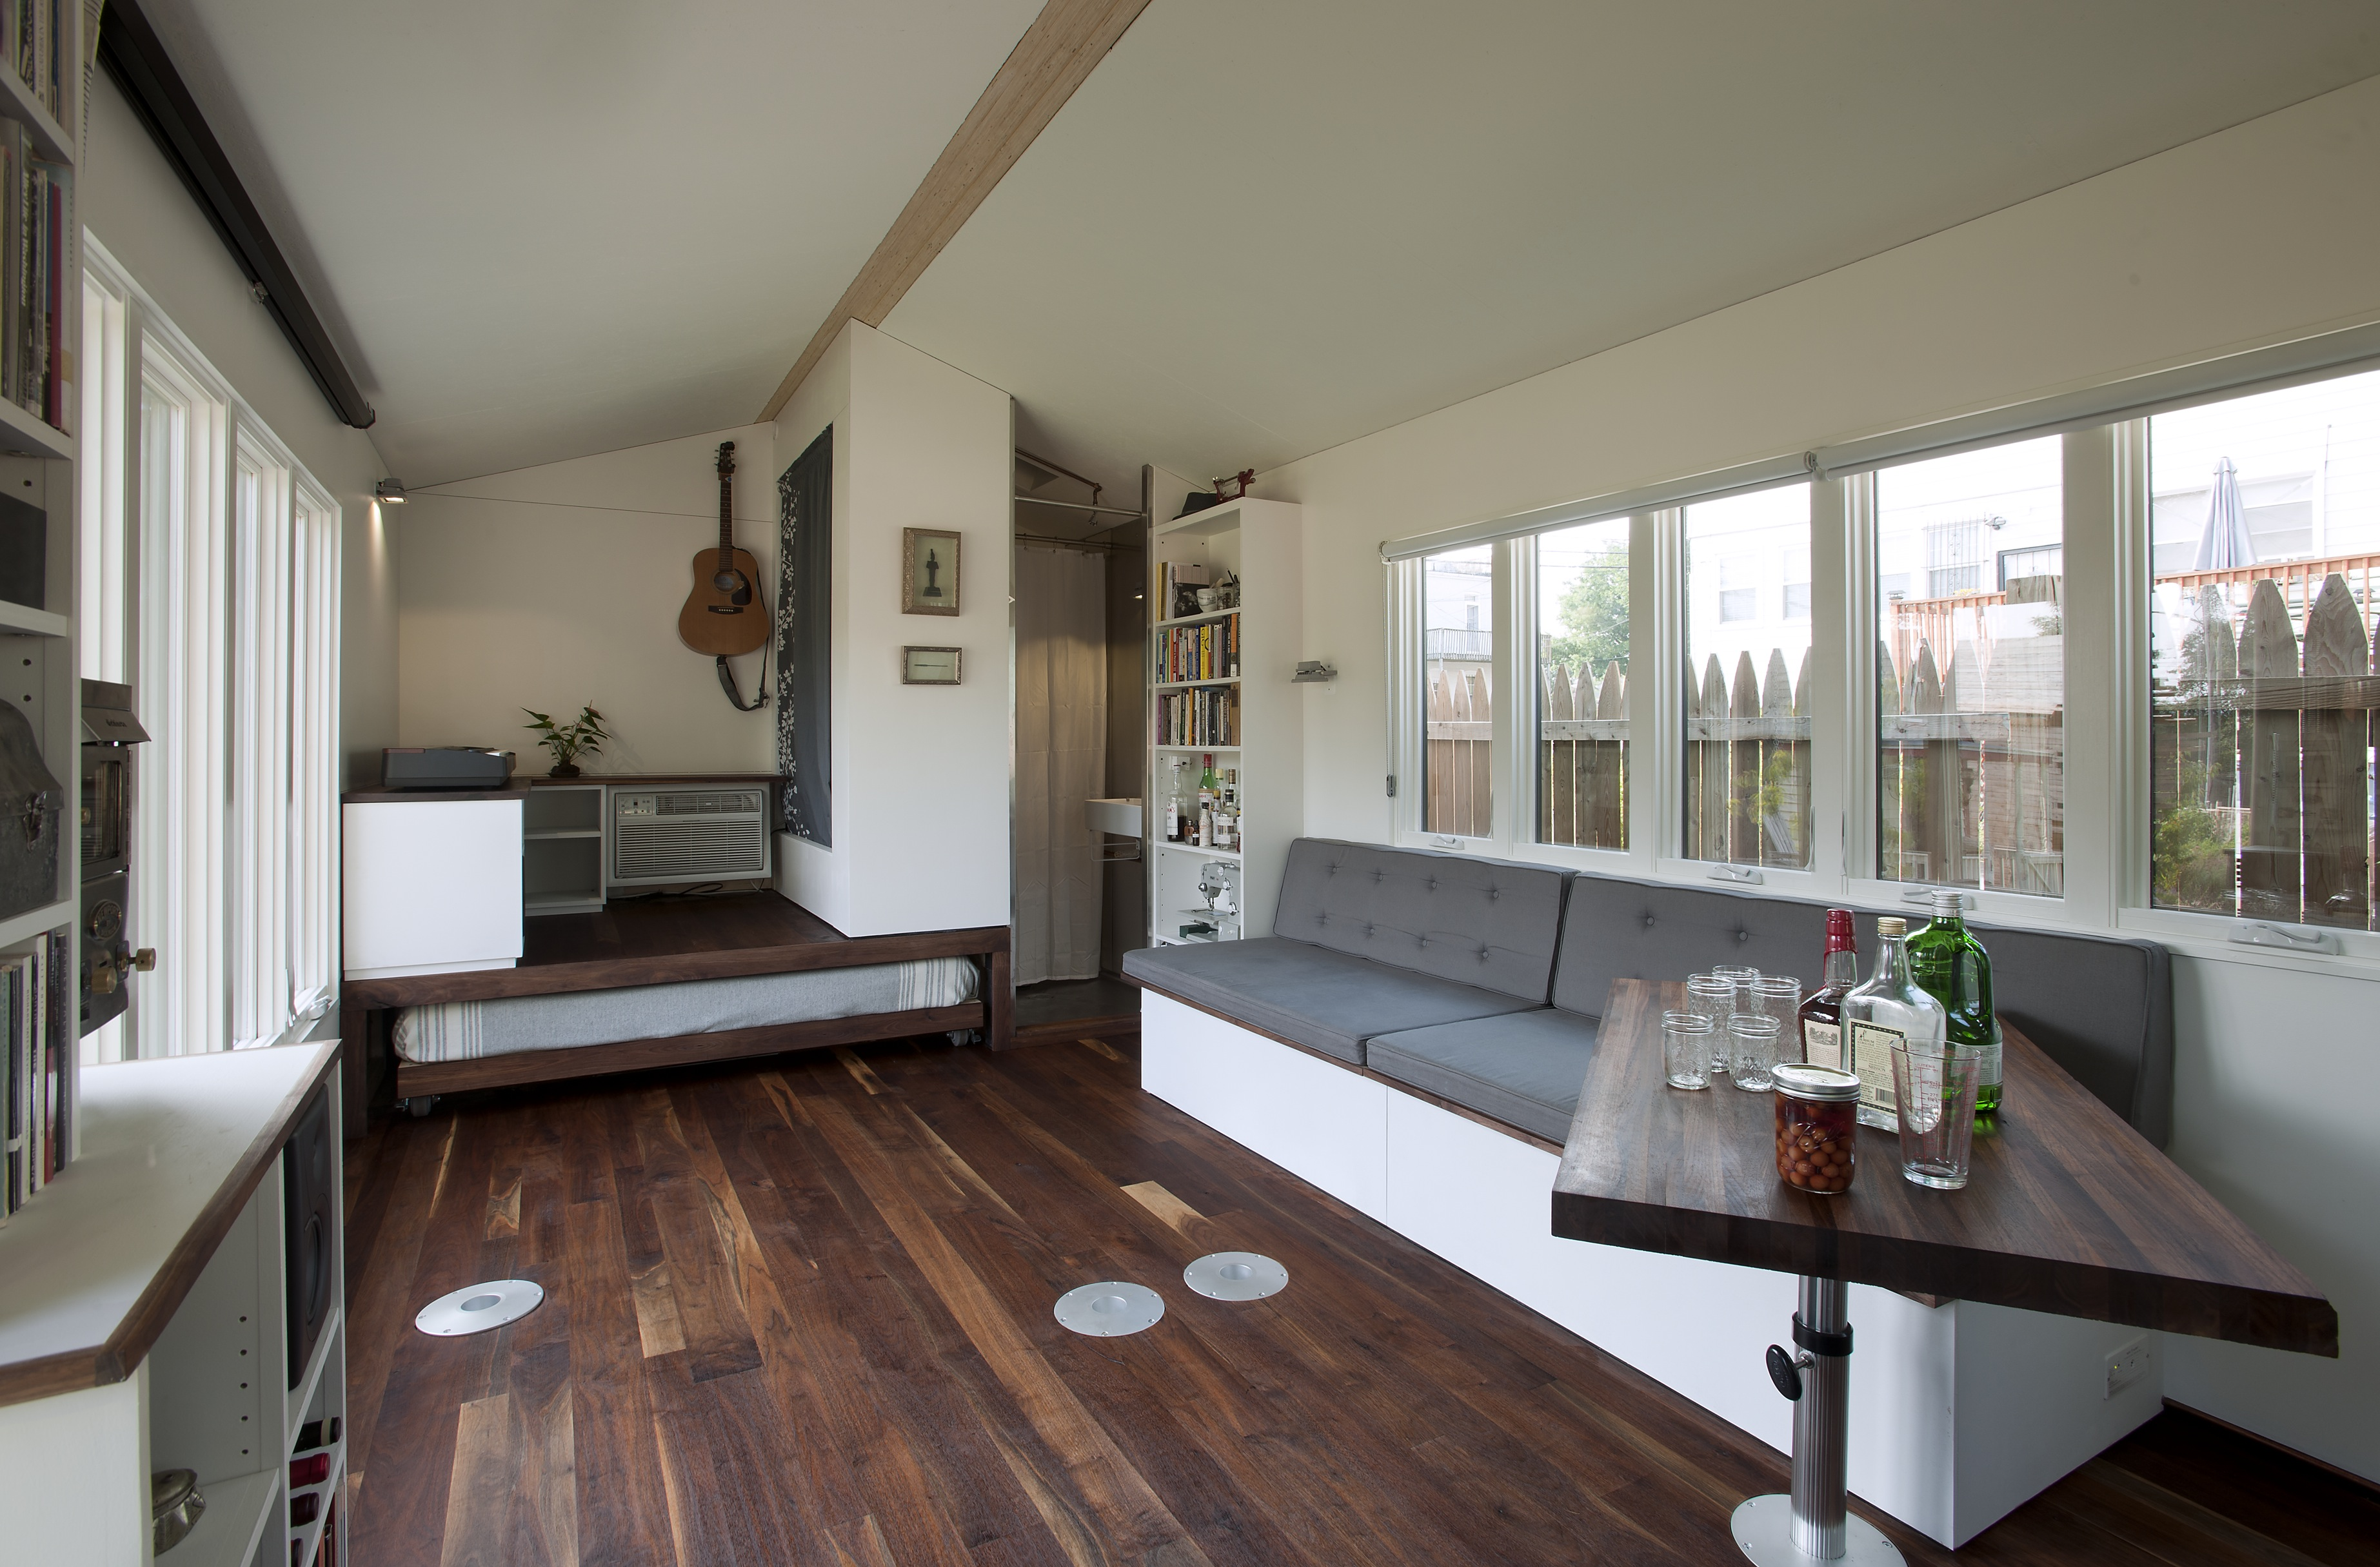 Дизайн интерьера крошечного дома - фото 3